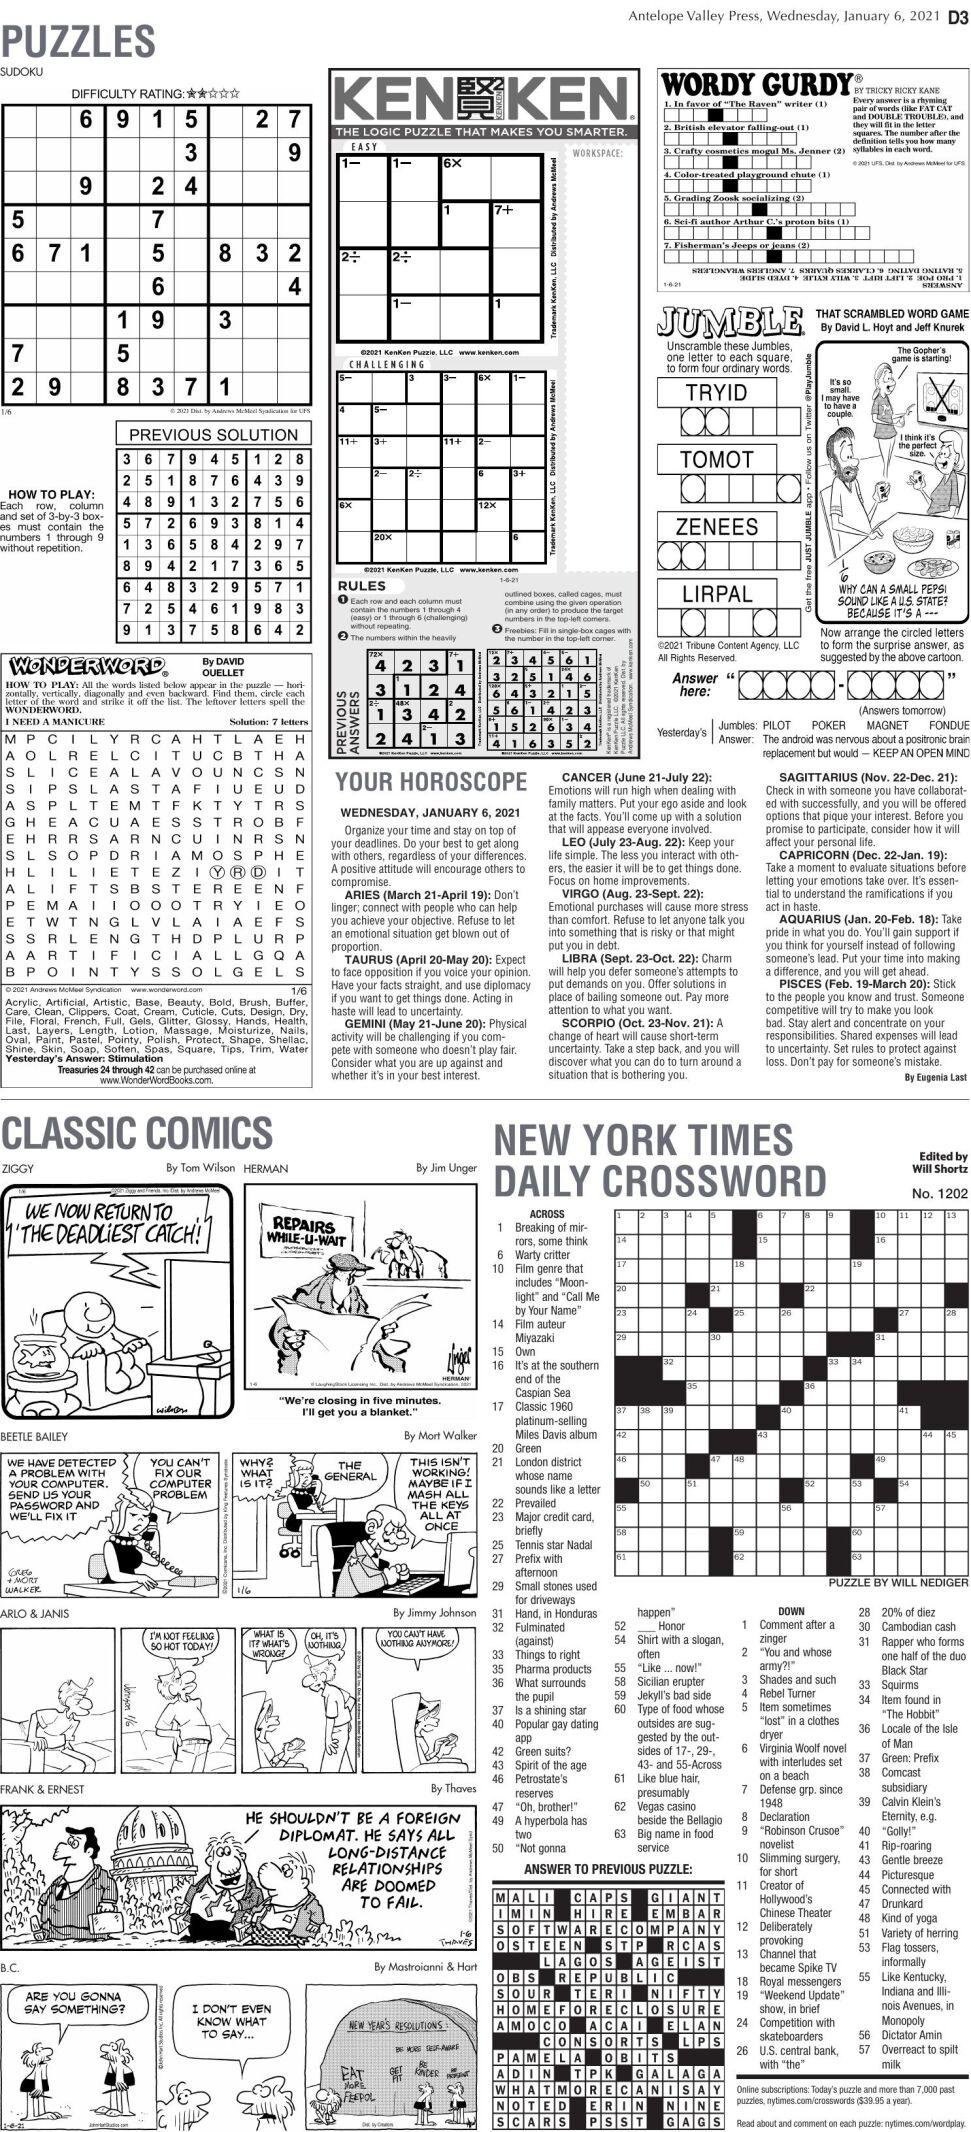 Puzzles, Jan. 6, 2021